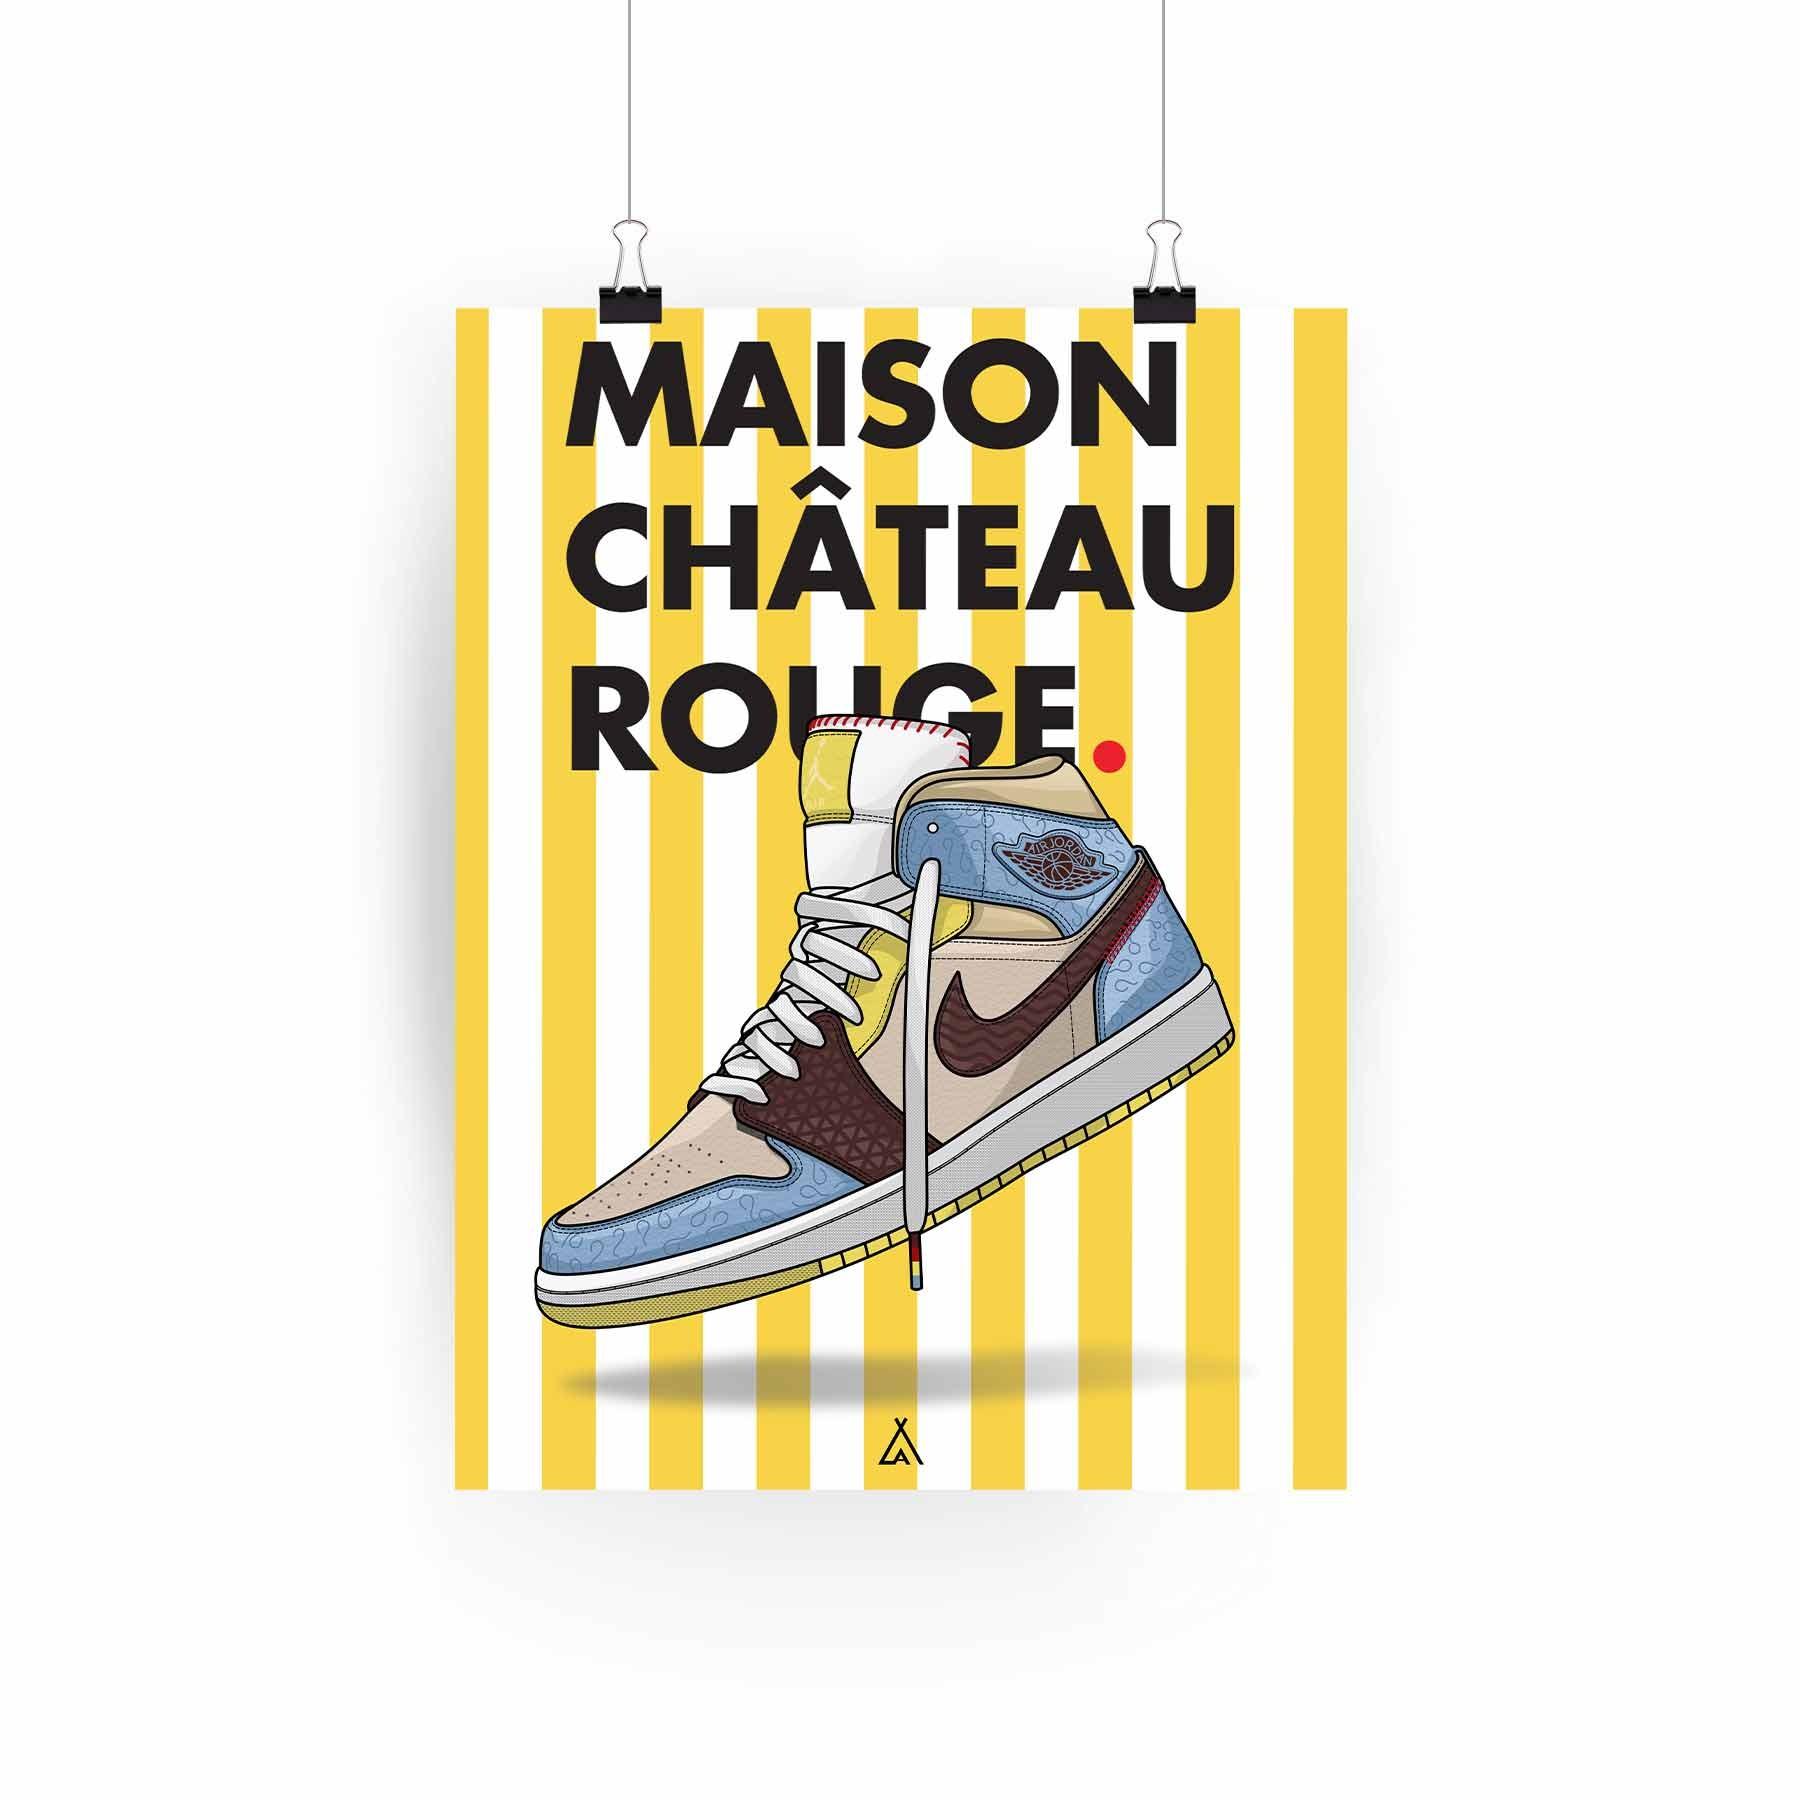 Air Jordan 1 x Maison Château Rouge Poster